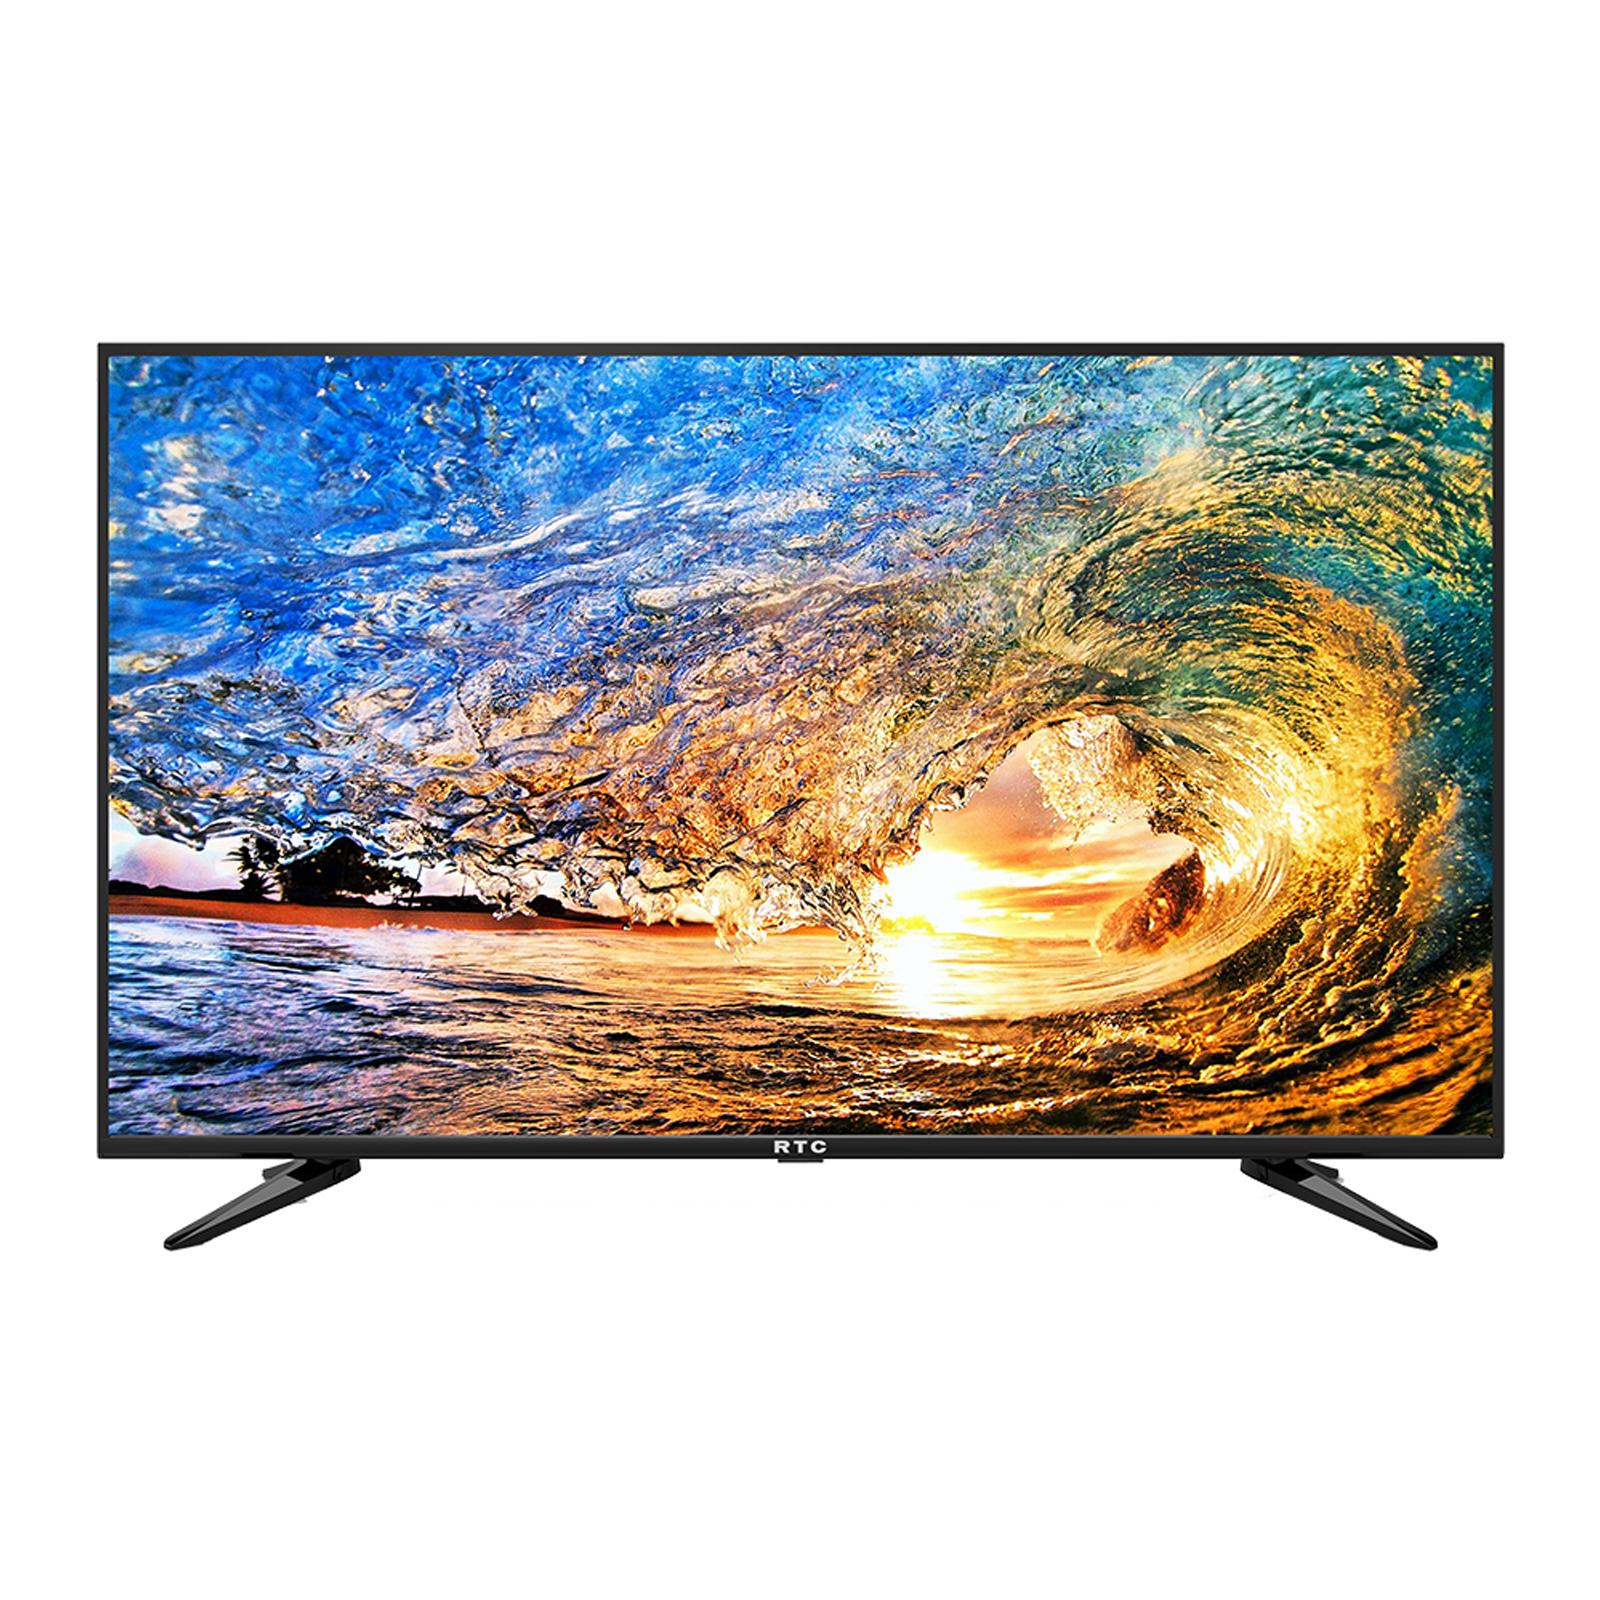 خرید اینترنتی تلویزیون ال ای دی هوشمند آر تی سی مدل 55SN6410 سایز 55 اینچ اورجینال